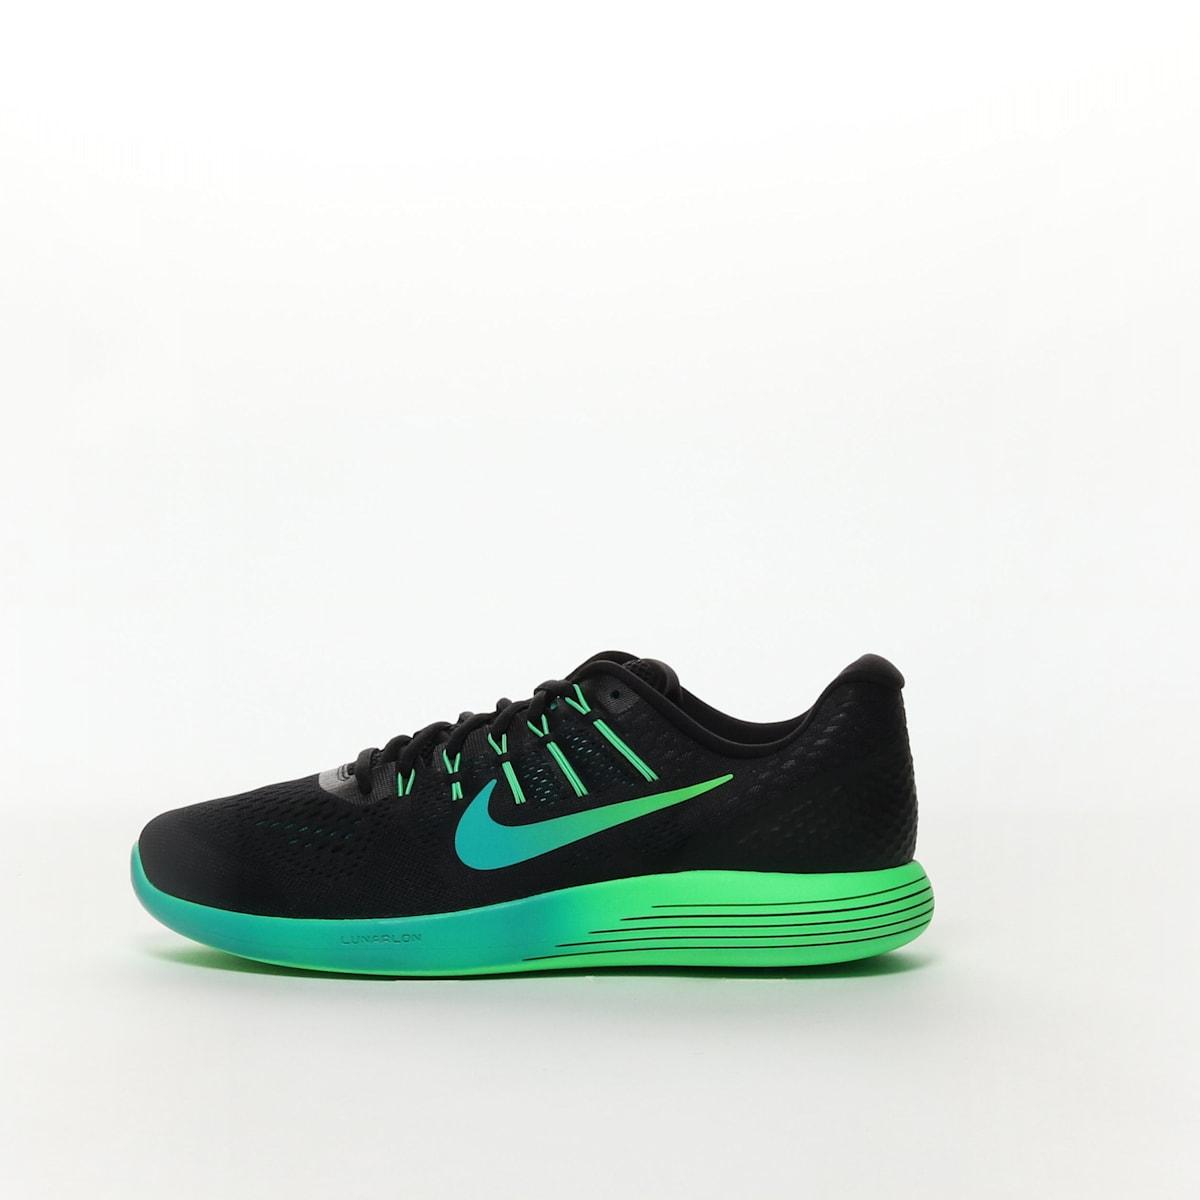 f2407f520c77 Men s Nike LunarGlide 8 Running Shoe - BLACK MULTI-COLOR-RIO TEAL ...